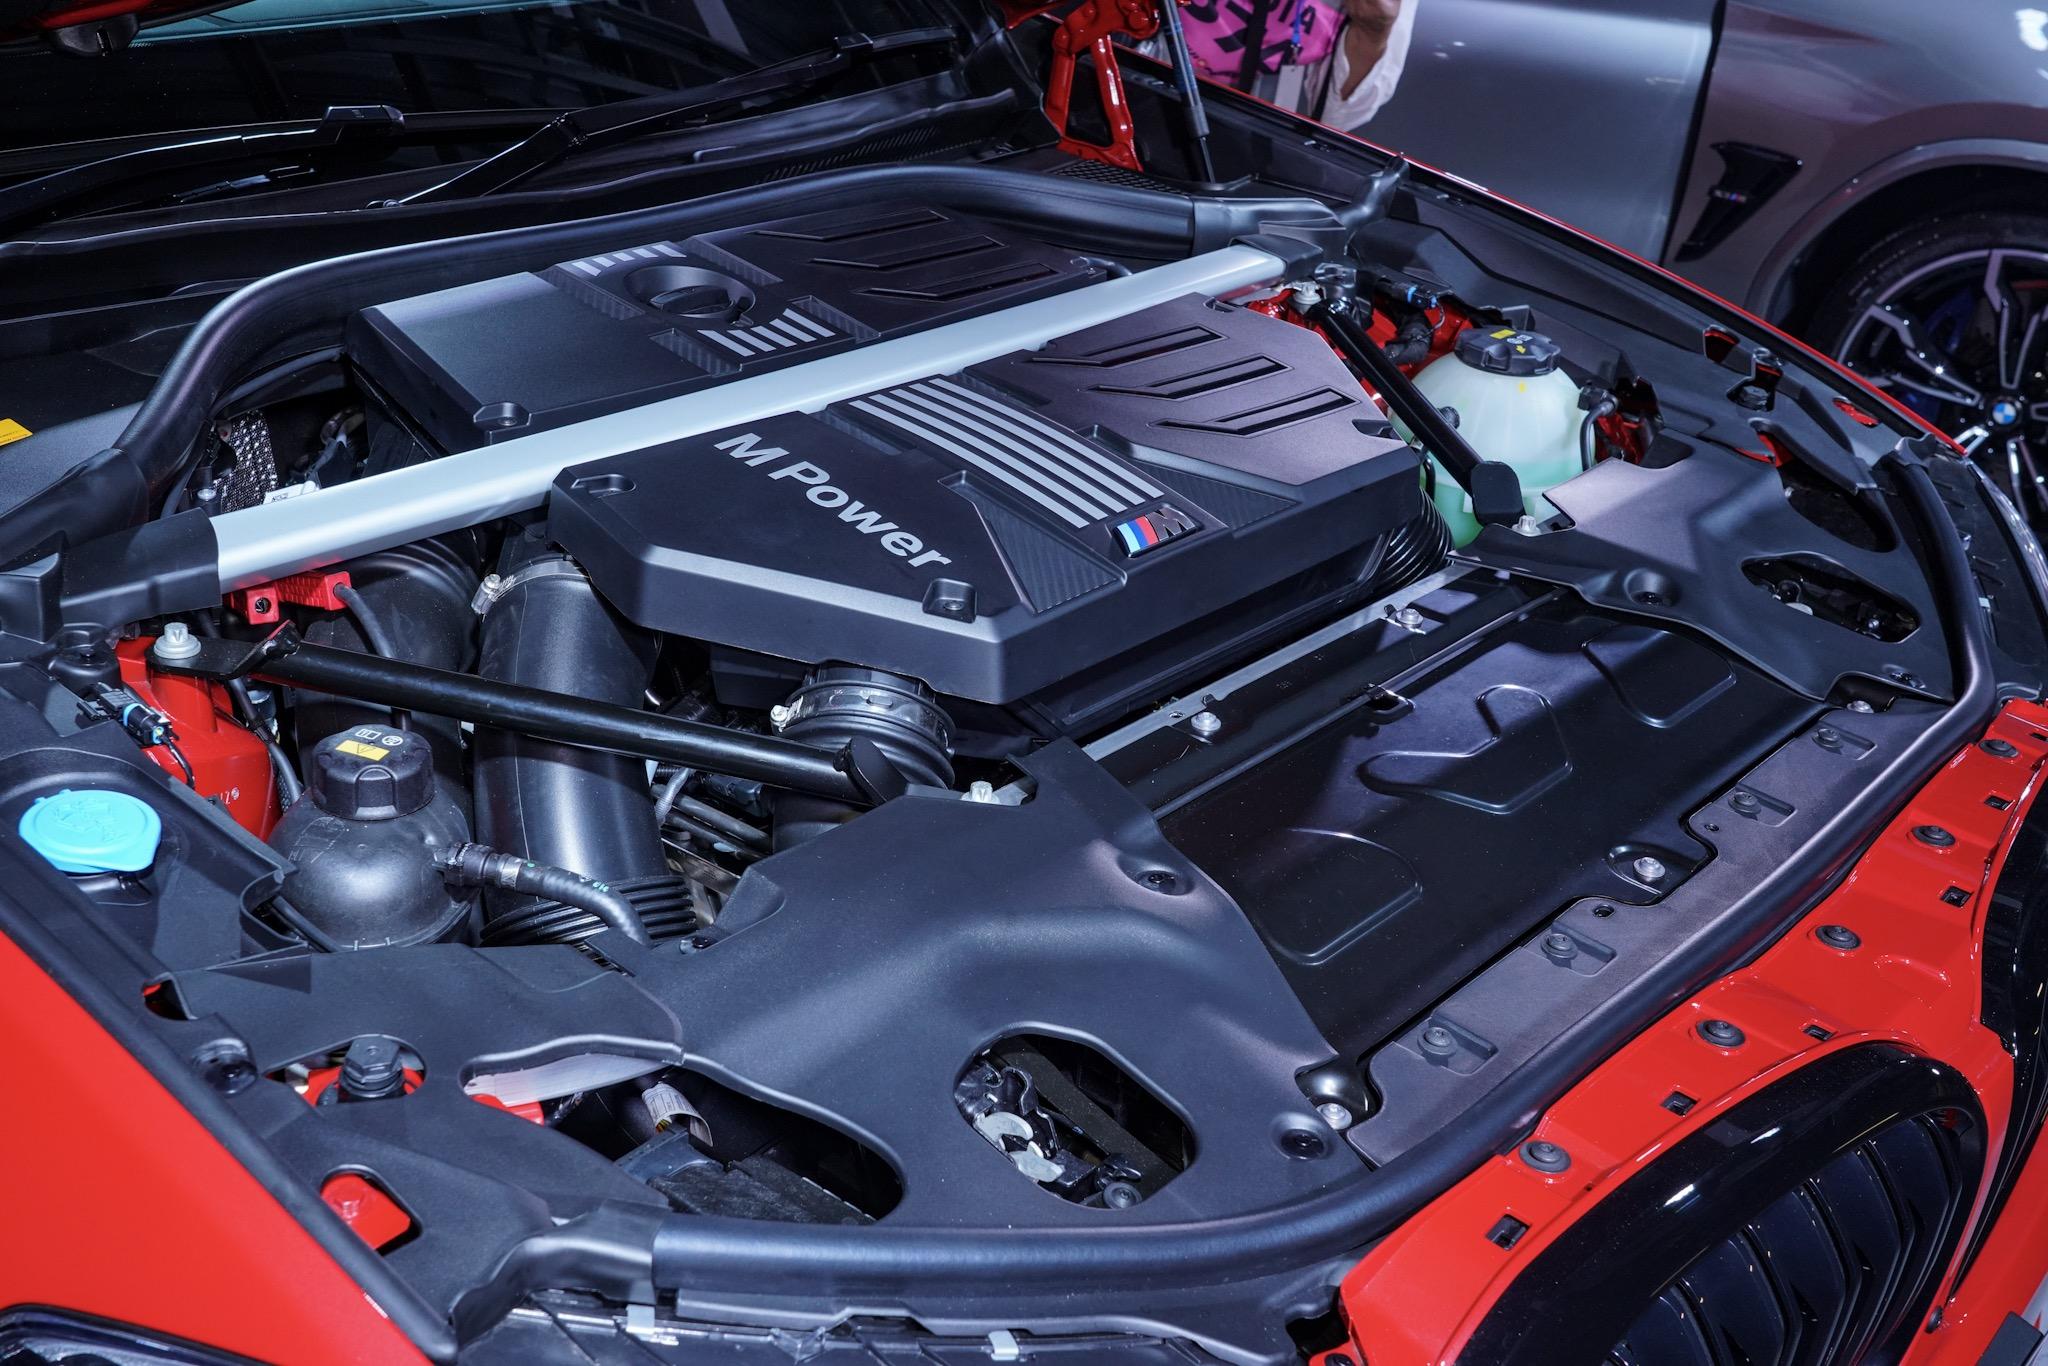 BMW X4 M コンペティション エンジンルーム